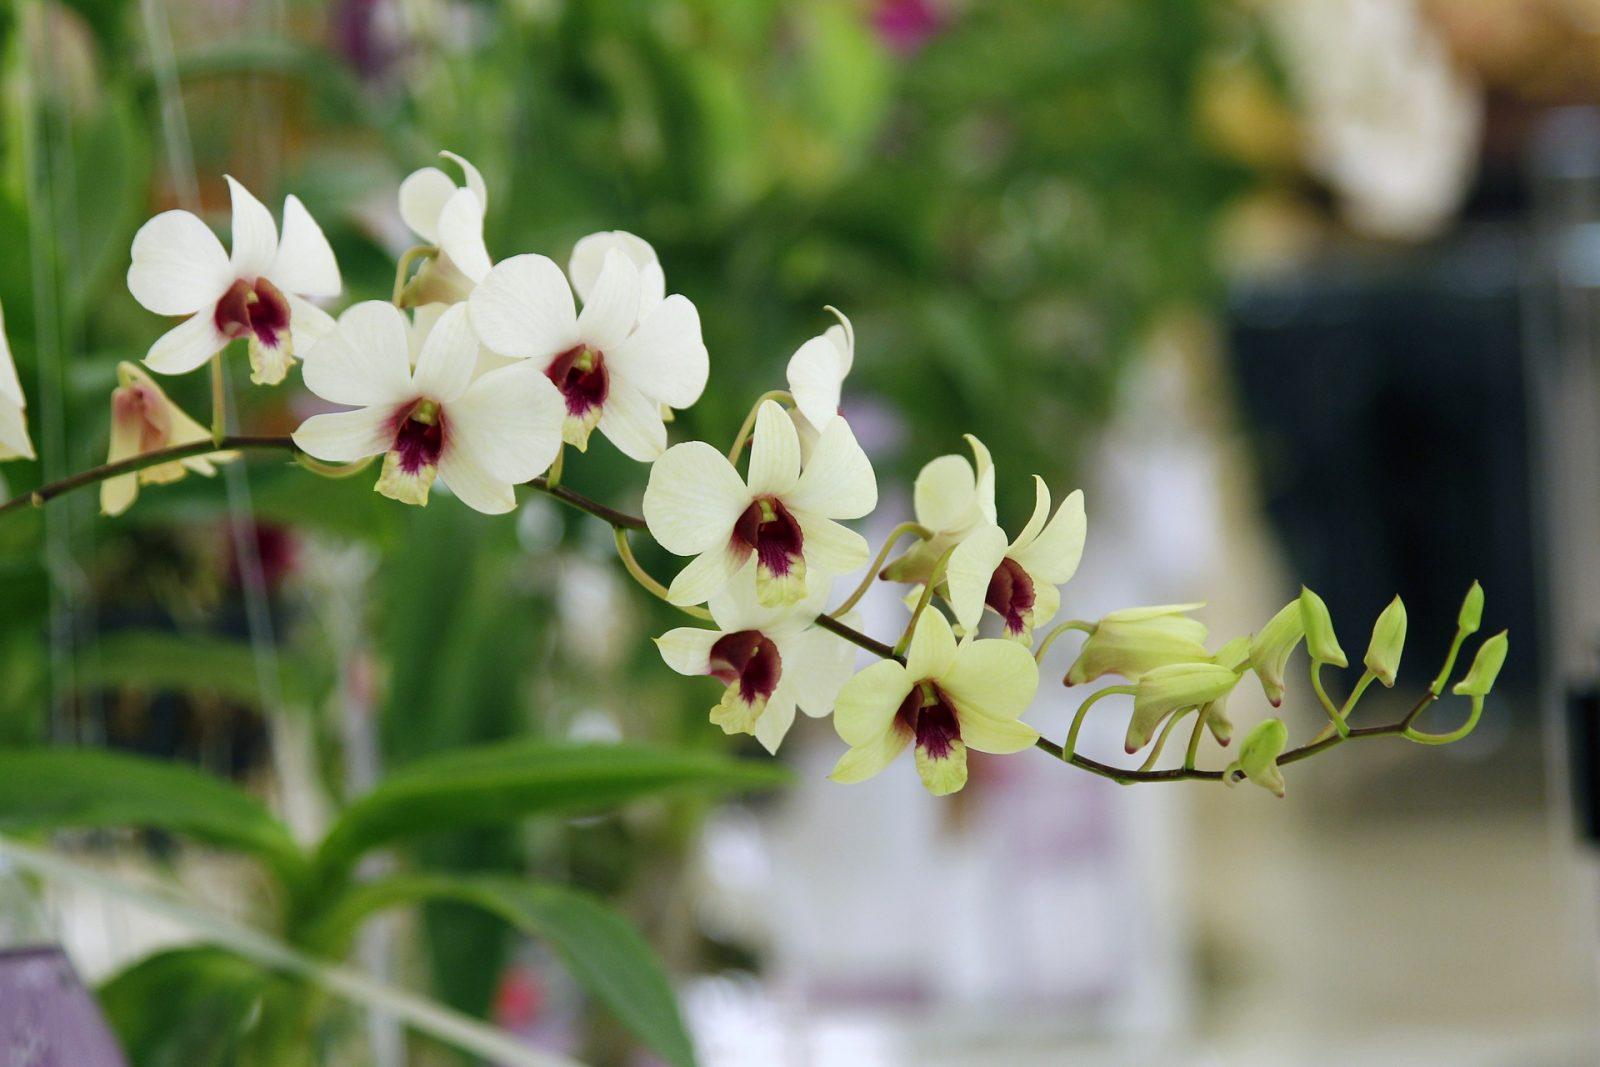 Porque as orquídeas abortam as flores?